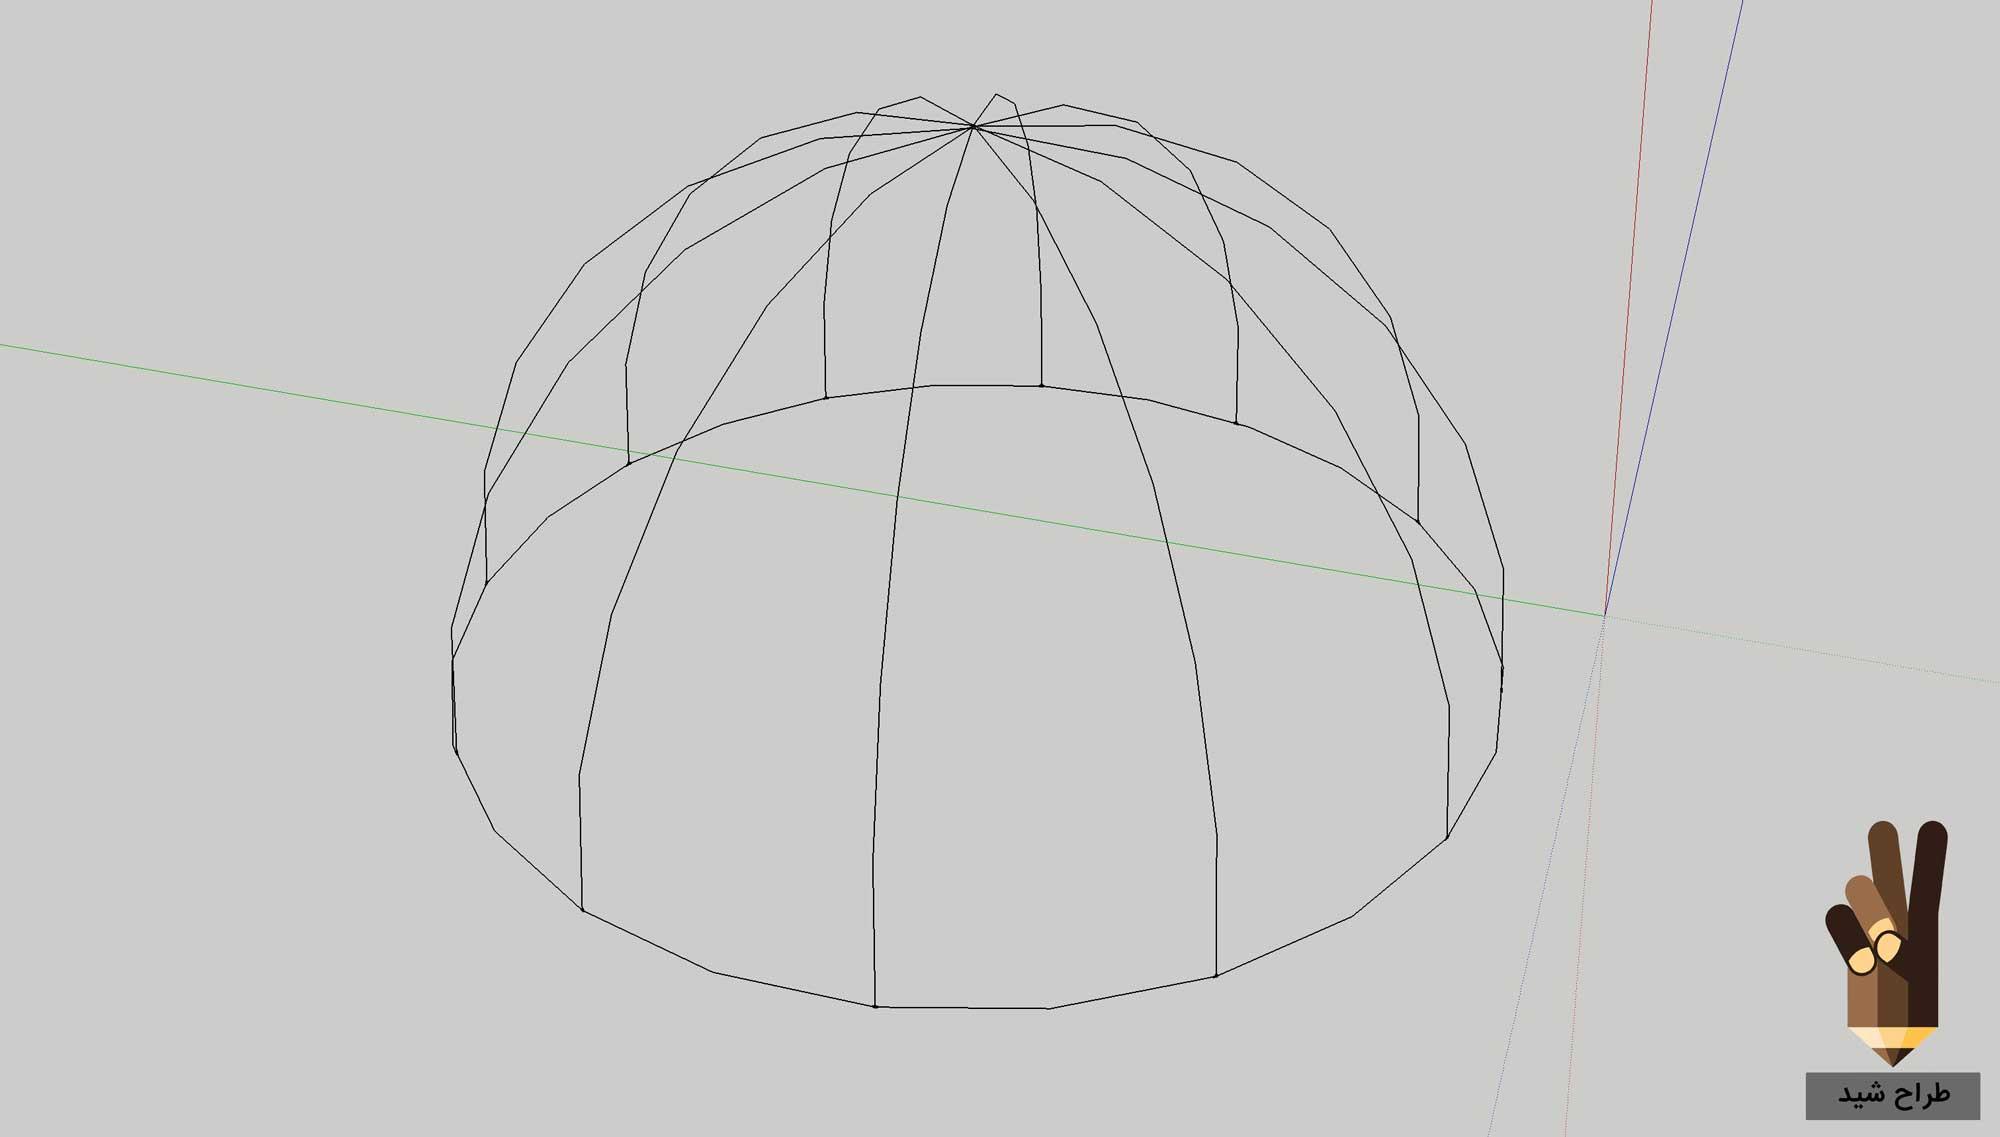 طراحی گنبد در اسکچاپ 6